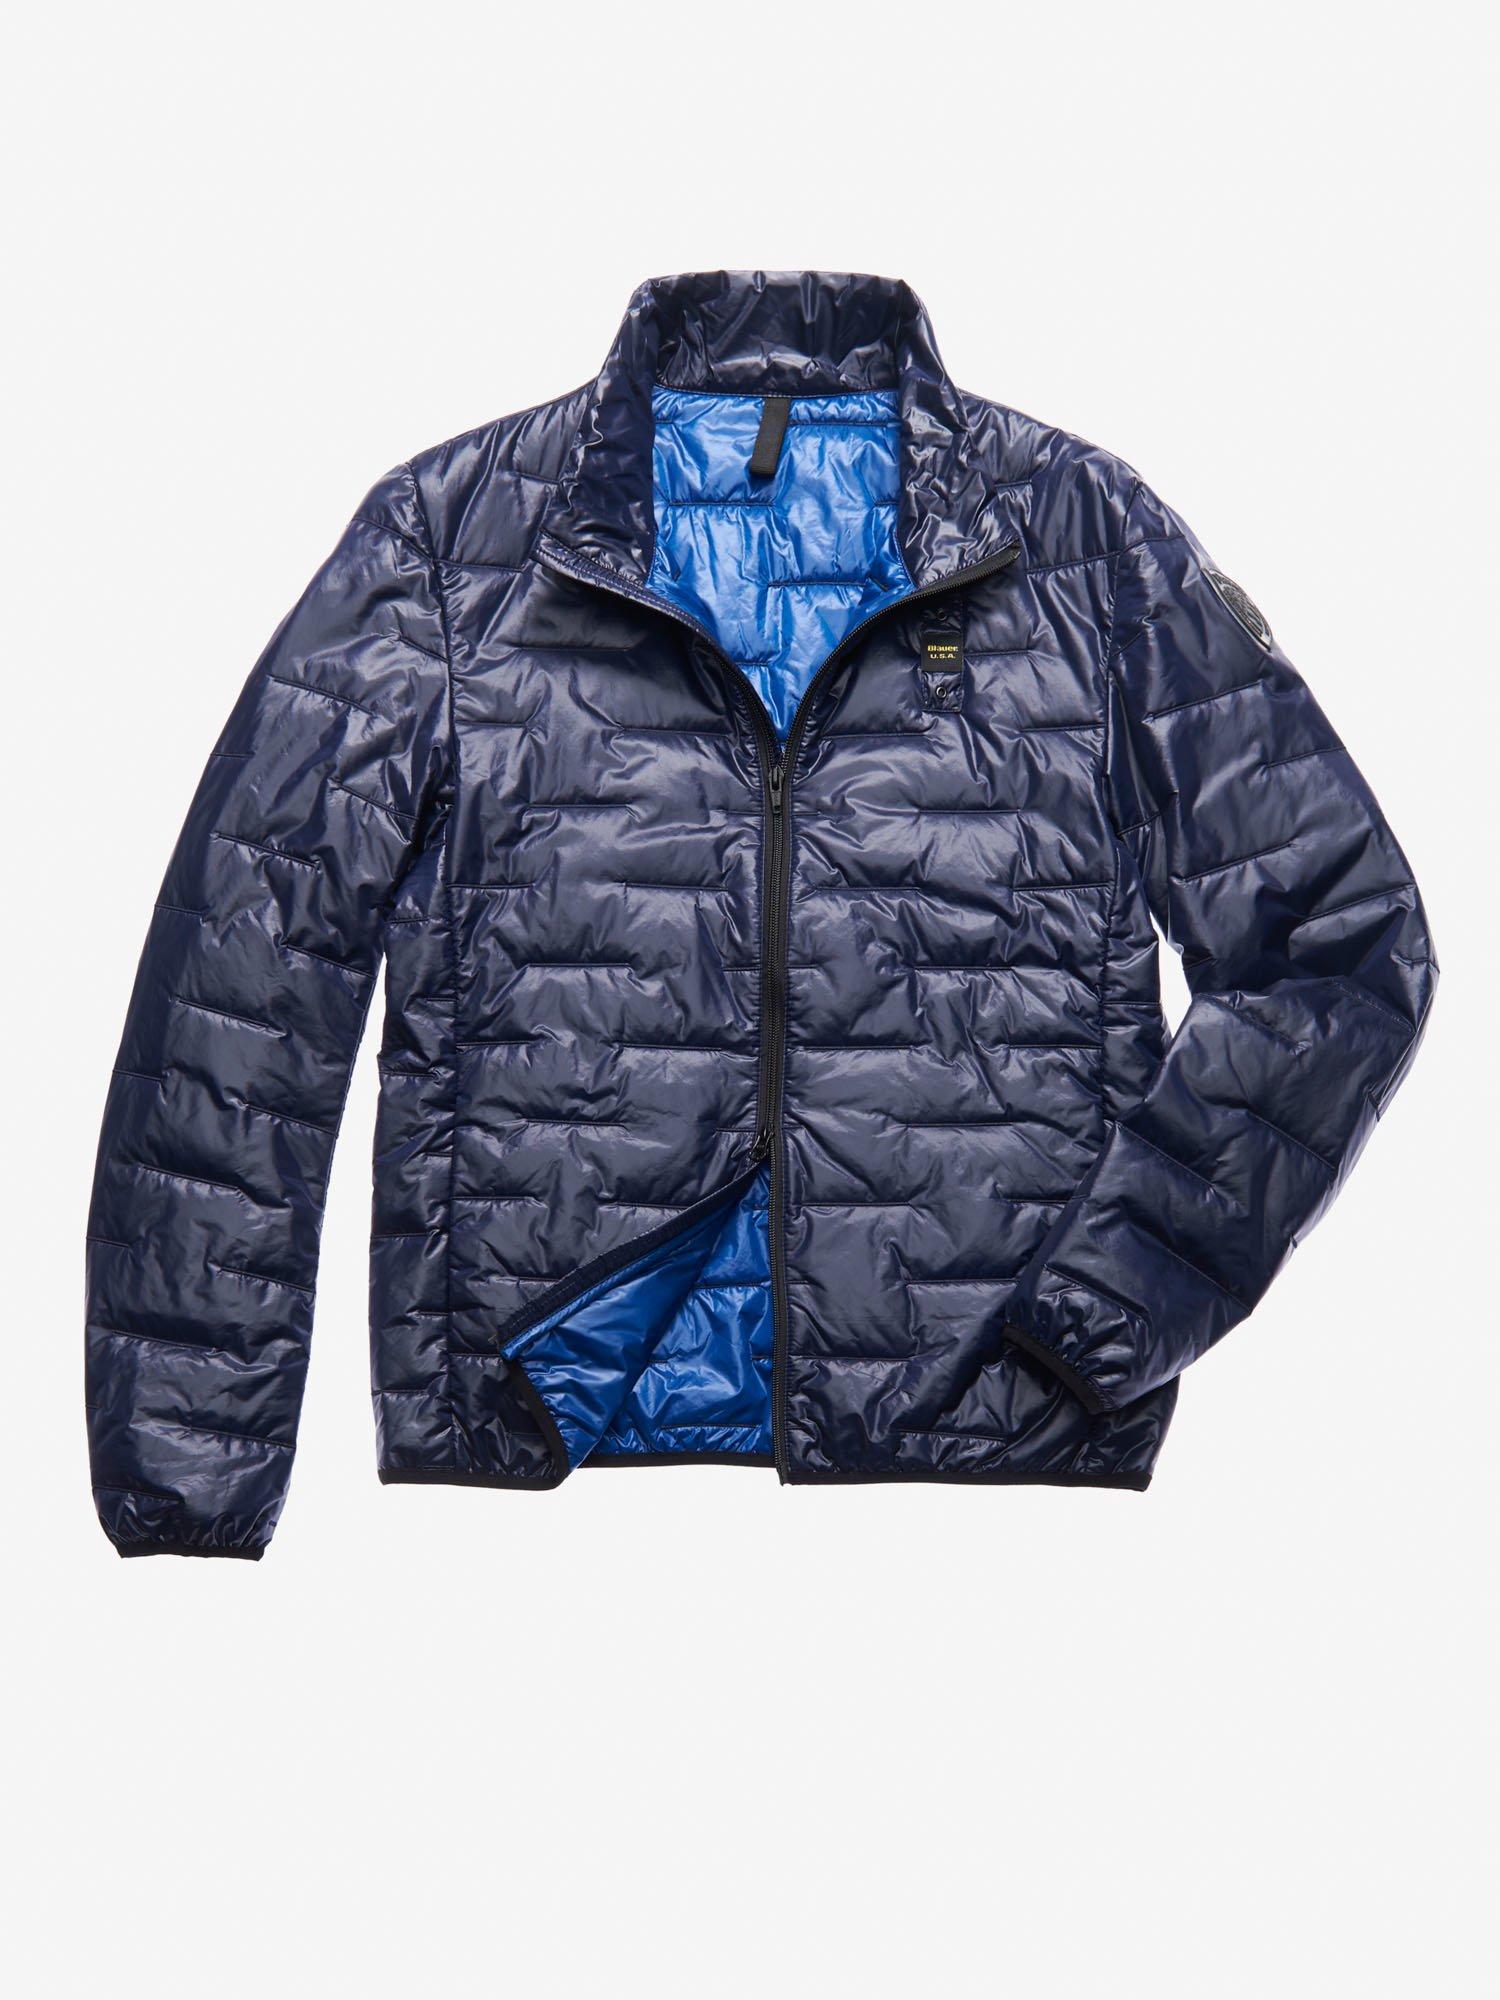 07f7789090 Blauer ® Uomo: Acquista Online la Collezione Uomo | Blauer USA